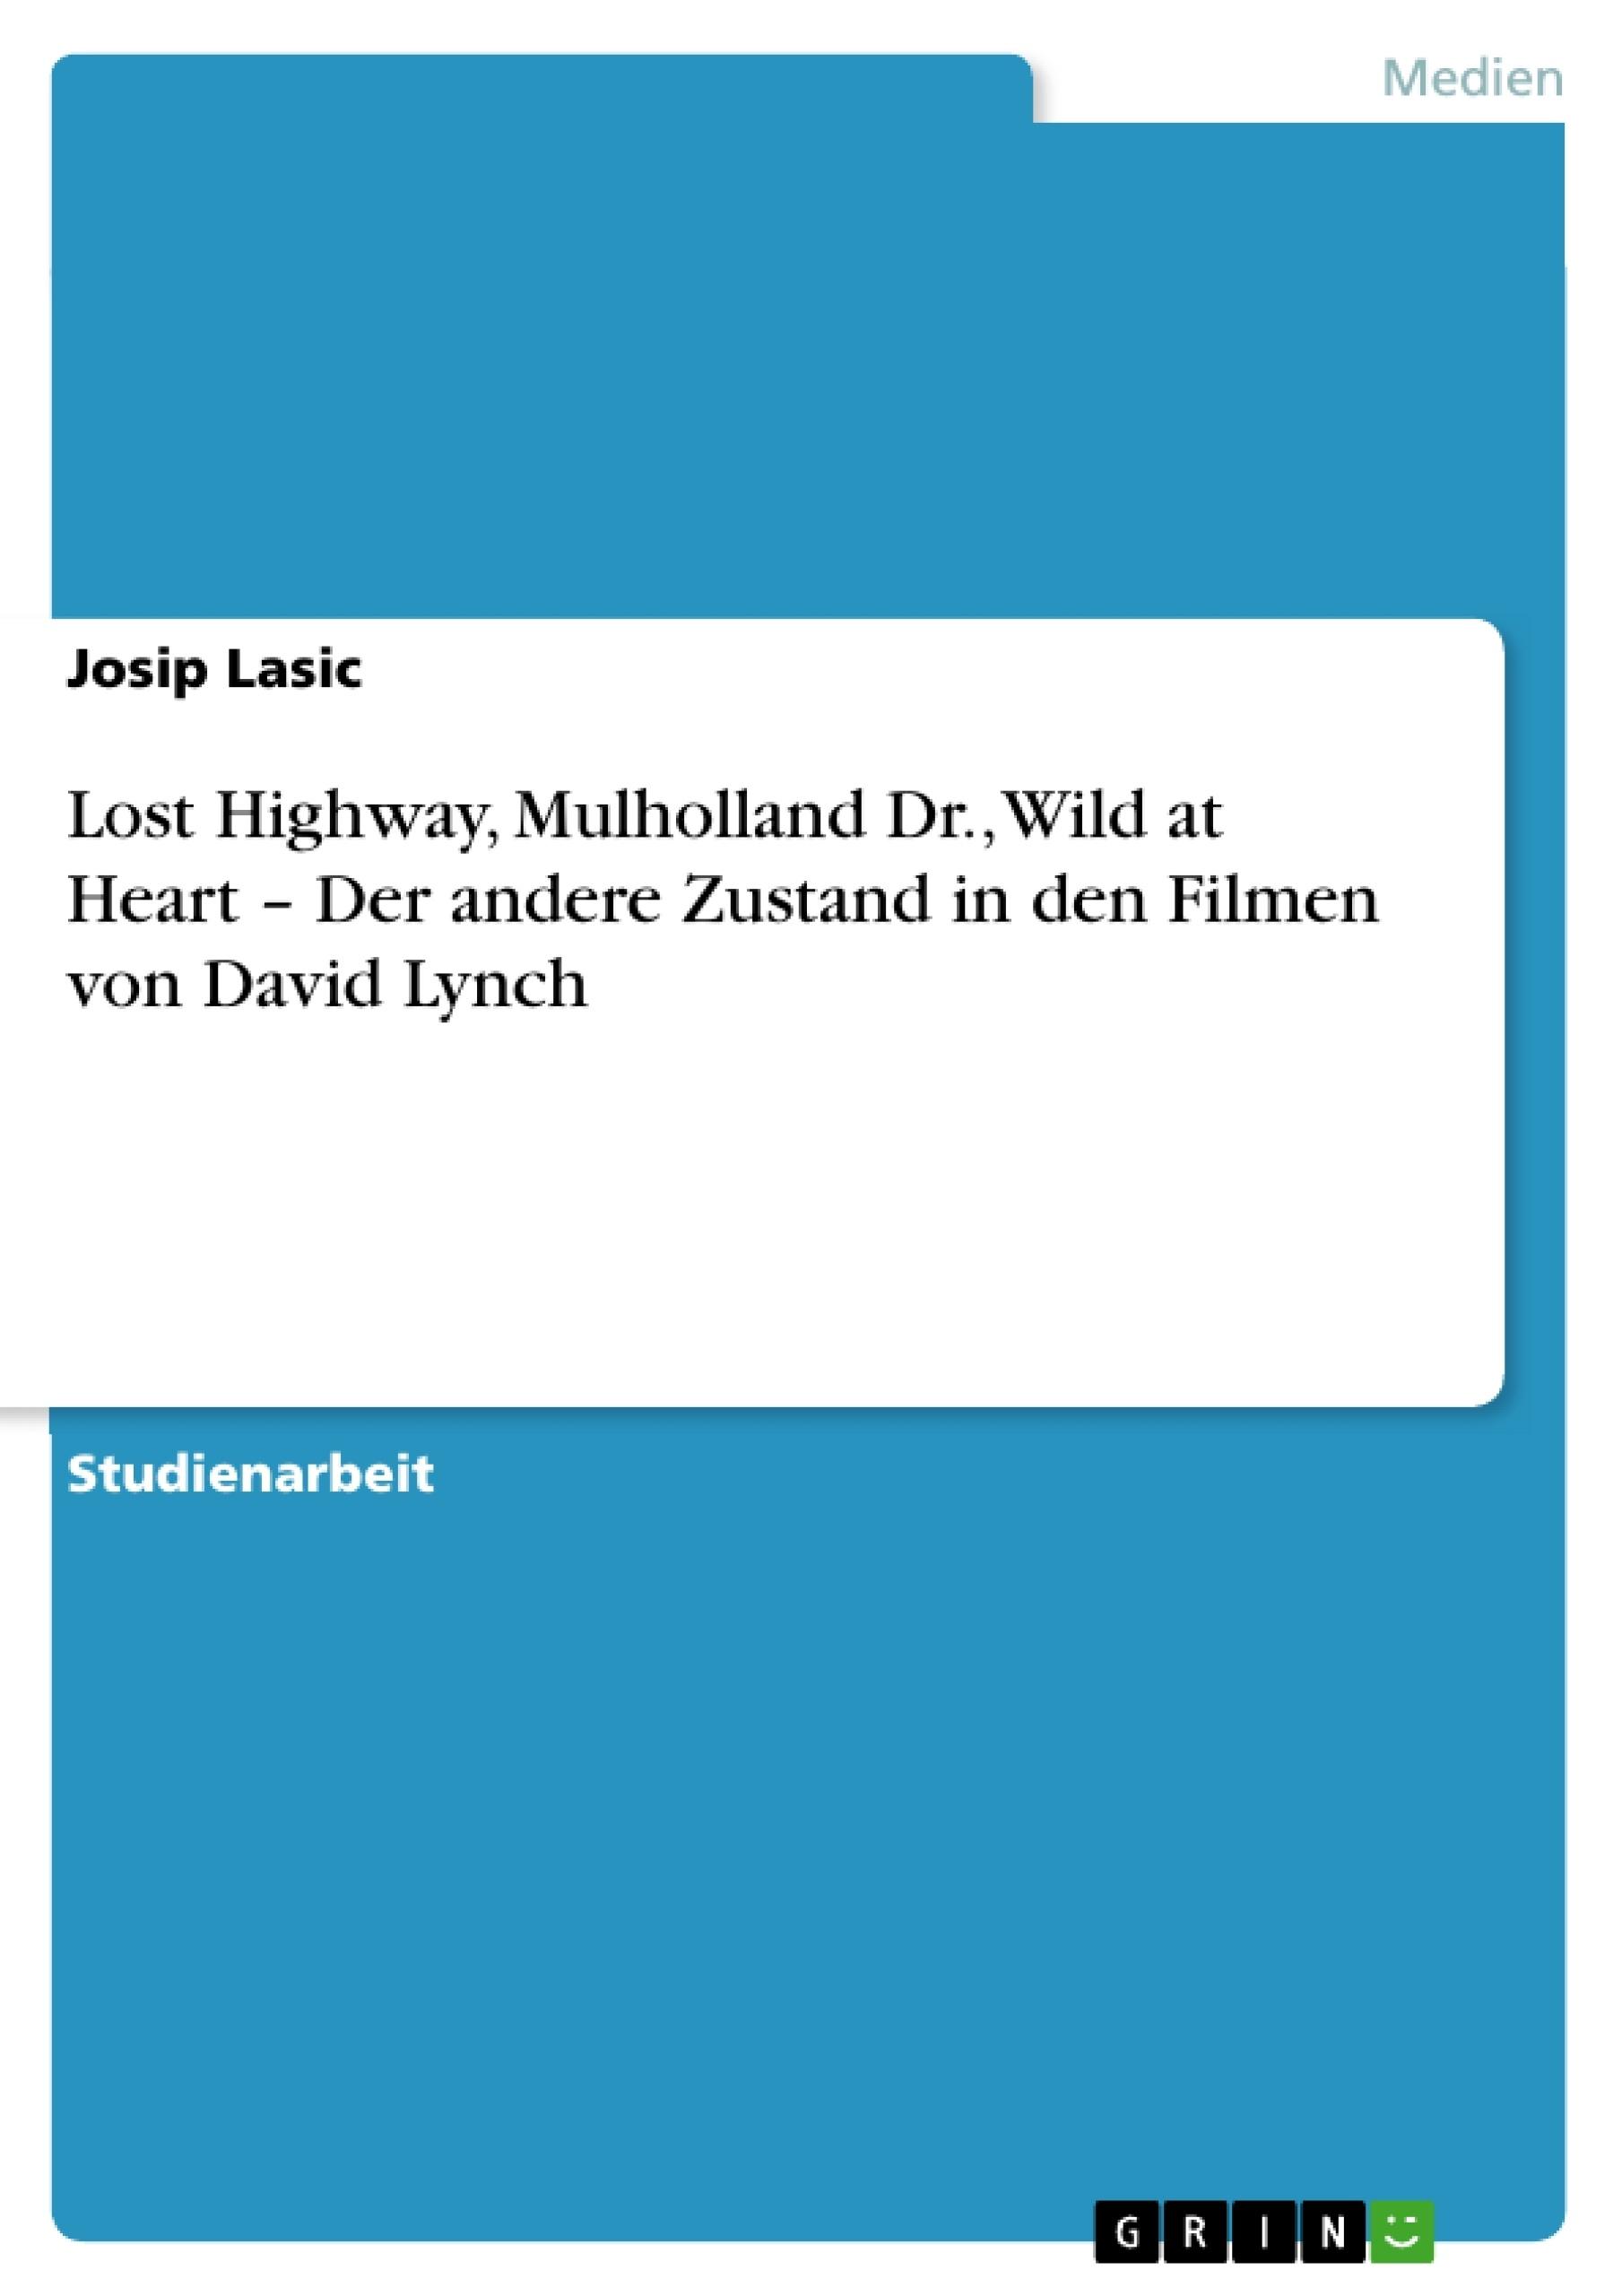 Titel: Lost Highway, Mulholland Dr., Wild at Heart – Der andere Zustand in den Filmen von David Lynch